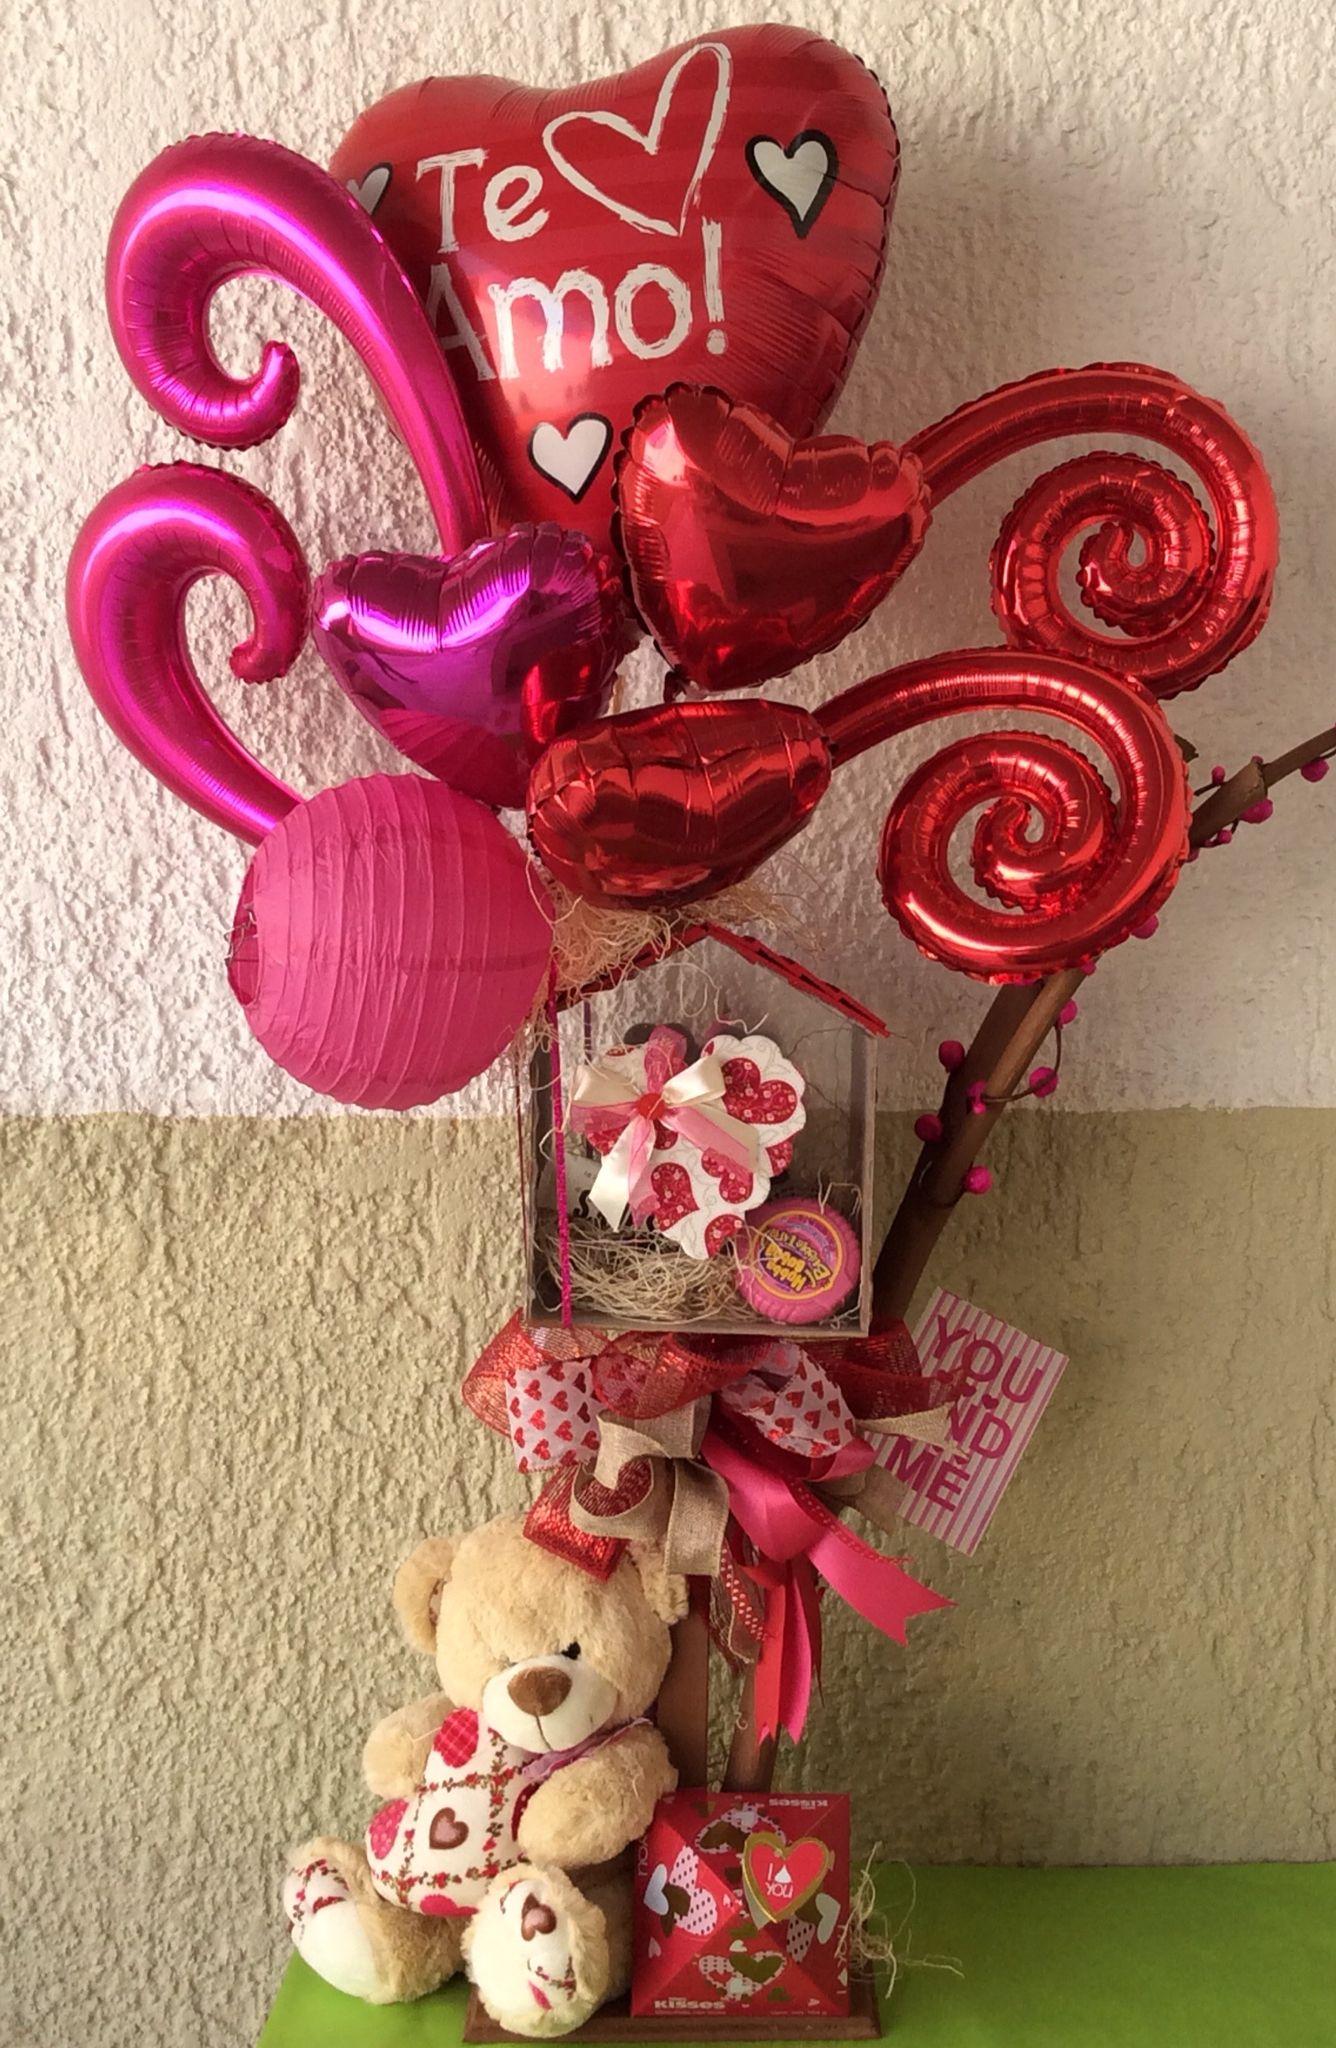 Arreglo amor arreglos con globos y chocolates para el 14 de febrero pinterest candy - Ideas para sanvalentin ...